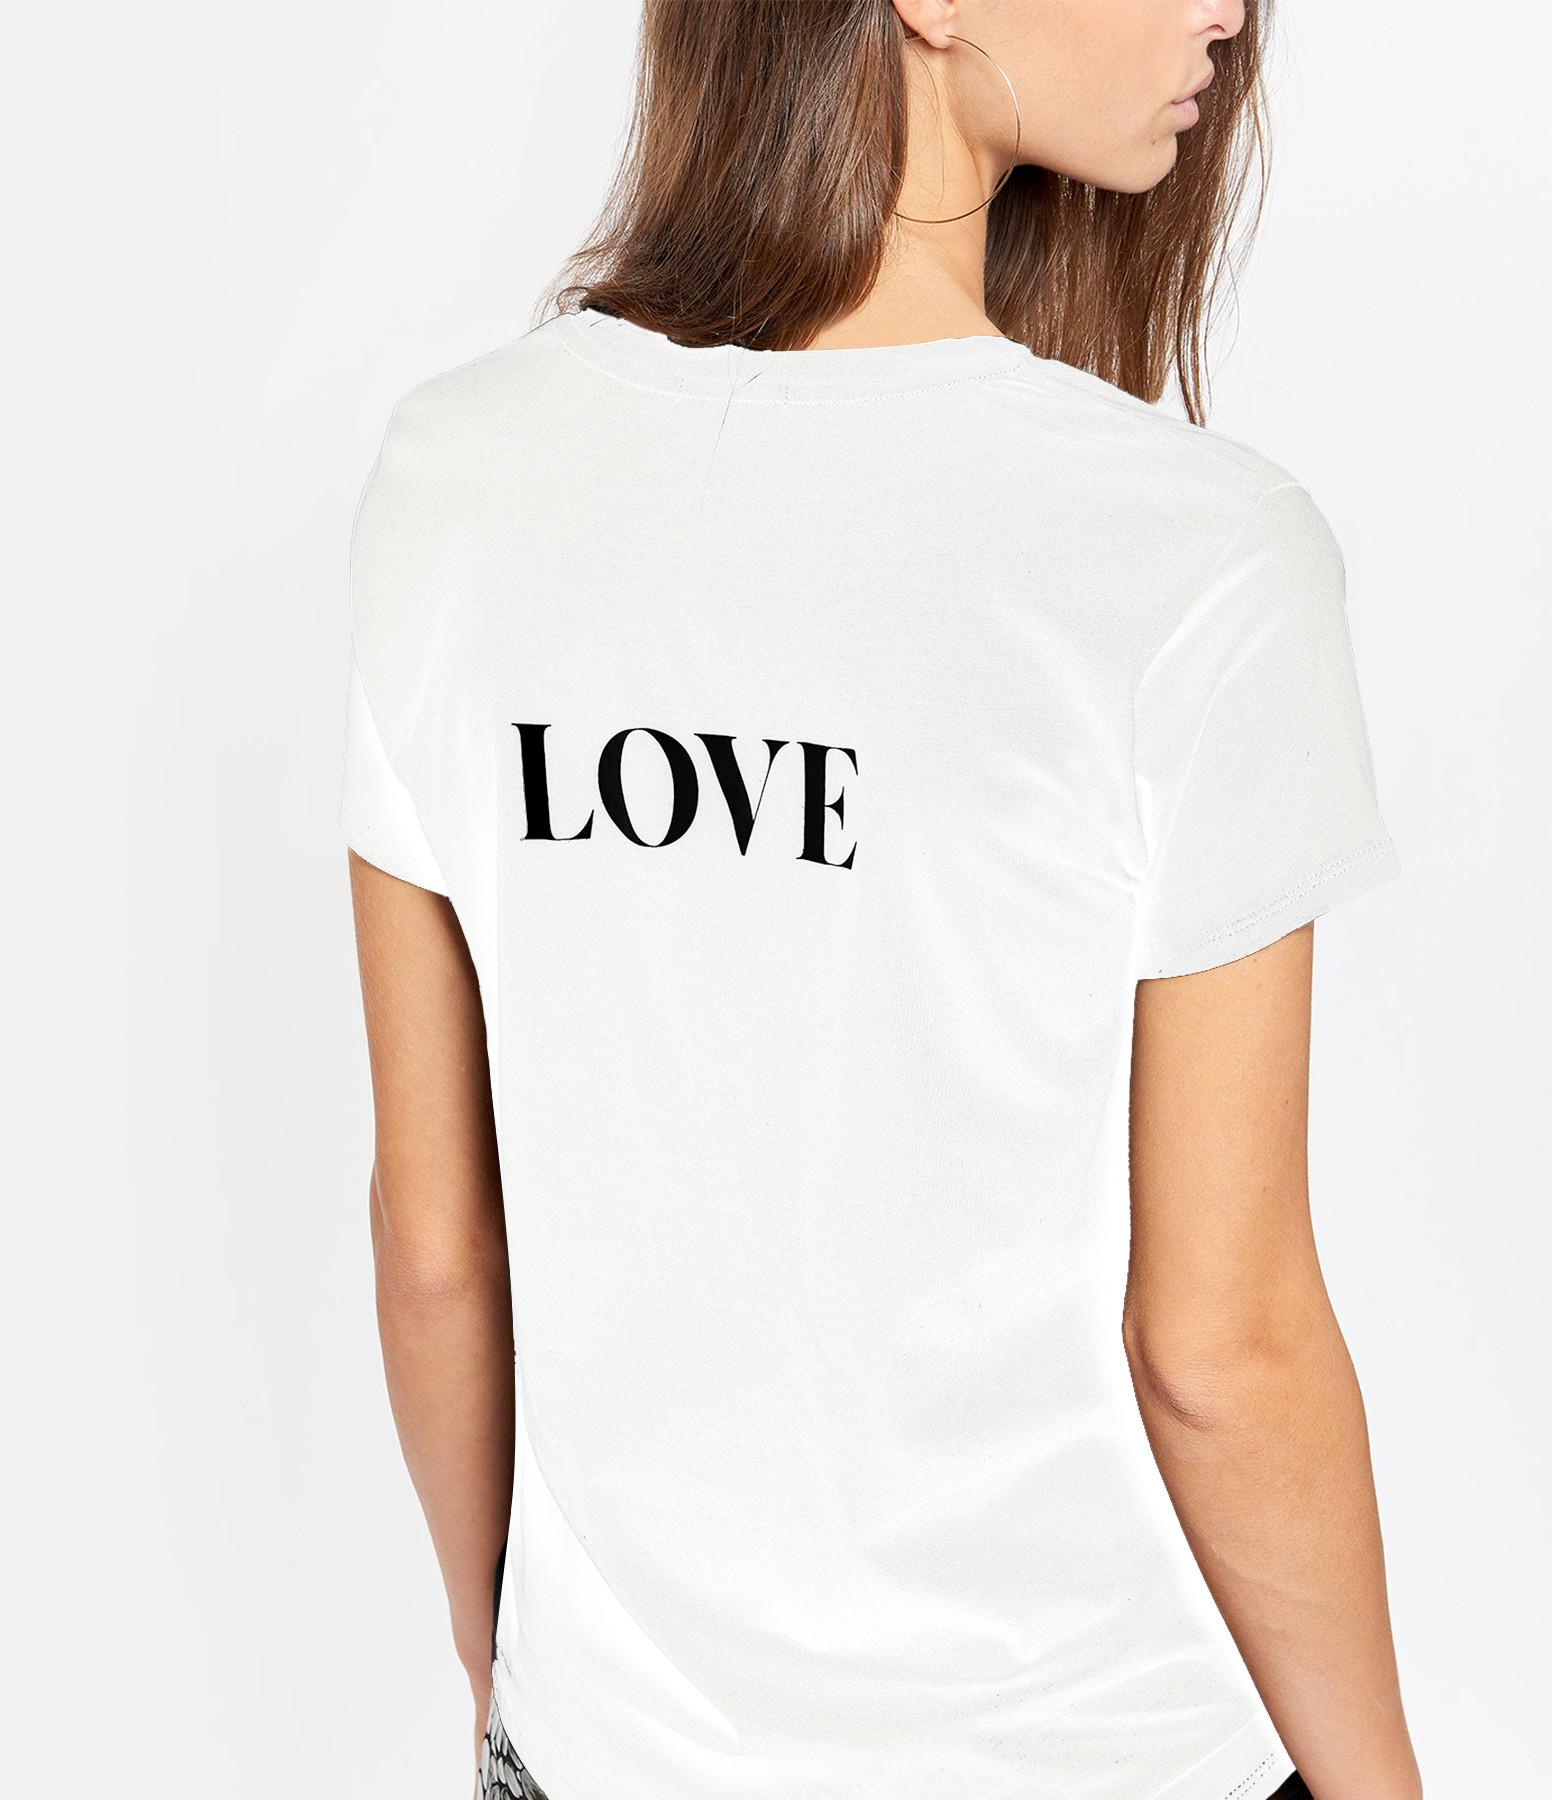 JEANNE VOULAND - Tee-shirt Cris Rock Love Coton Blanc